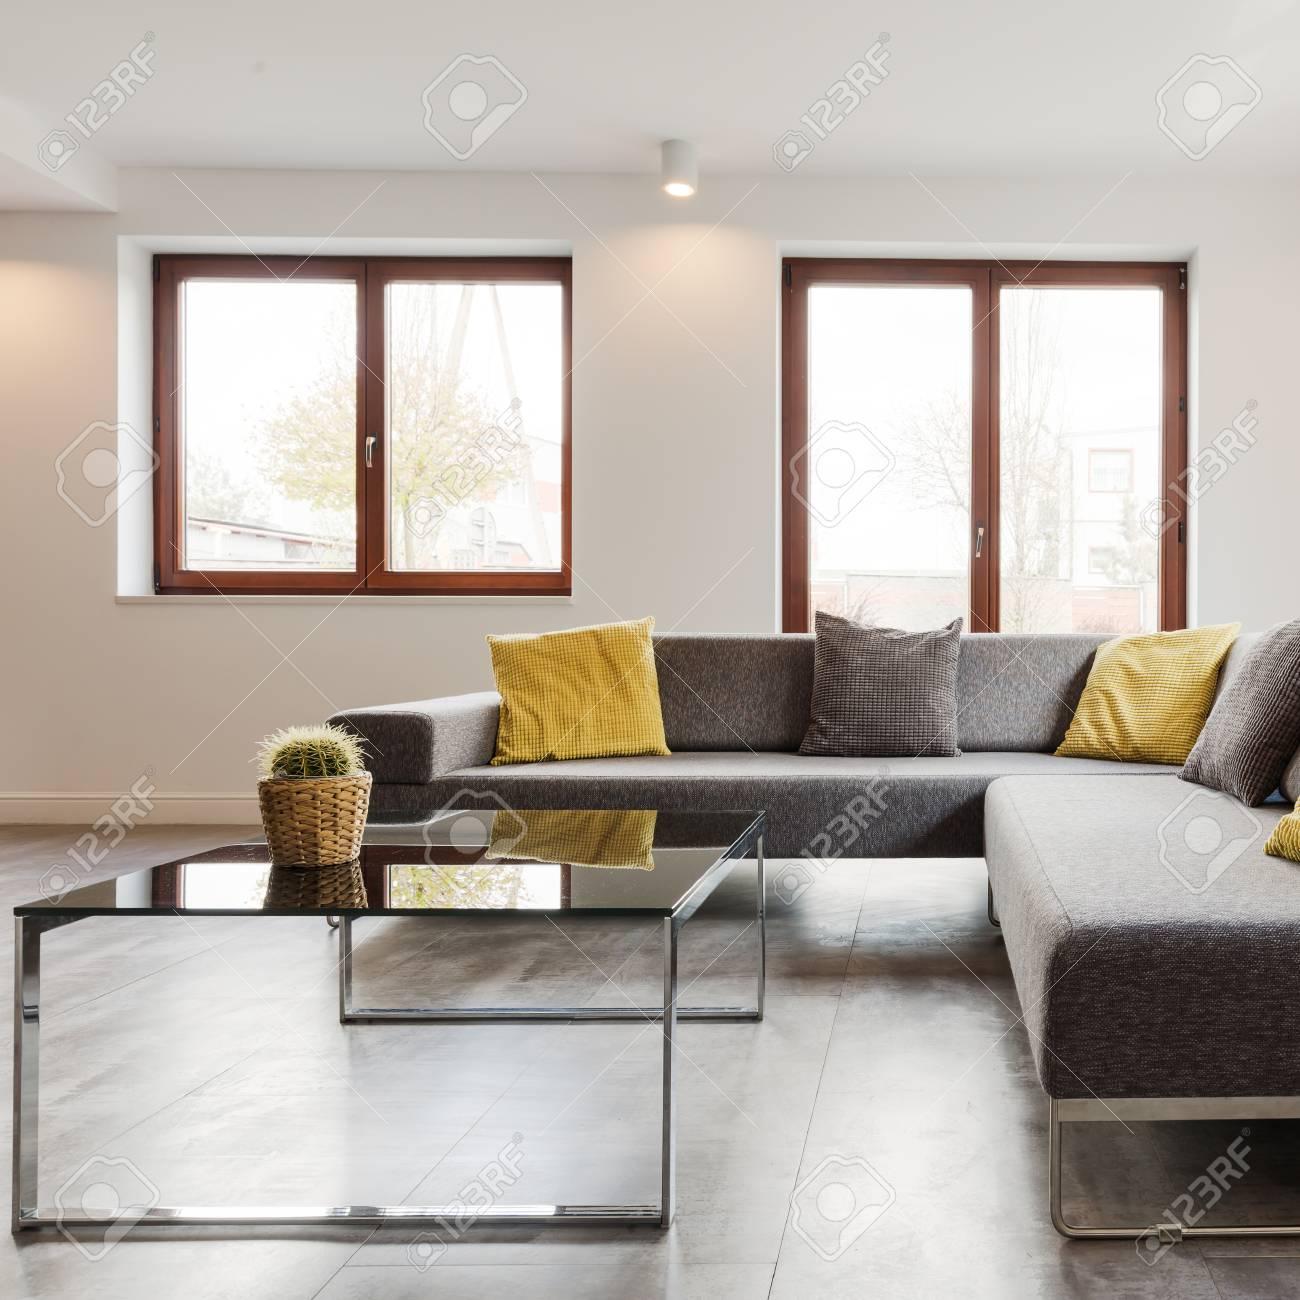 en basse et un Grand lumineux maison d'angle une de et table intérieur verre canapé moderne très dans rBWCoedx